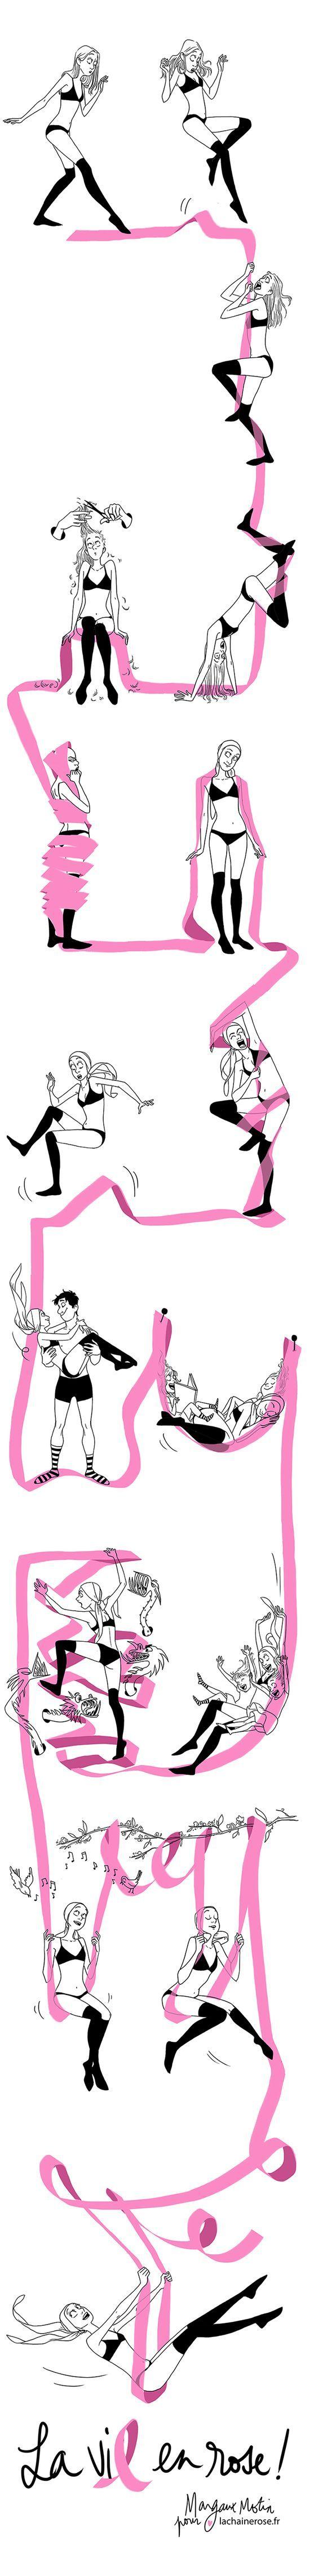 Octobre Rose, le moment de rappeler à nos douces que la prévention vaut de l'or. #breast #cancer - par Margaux Motin : Chaine rose couleur